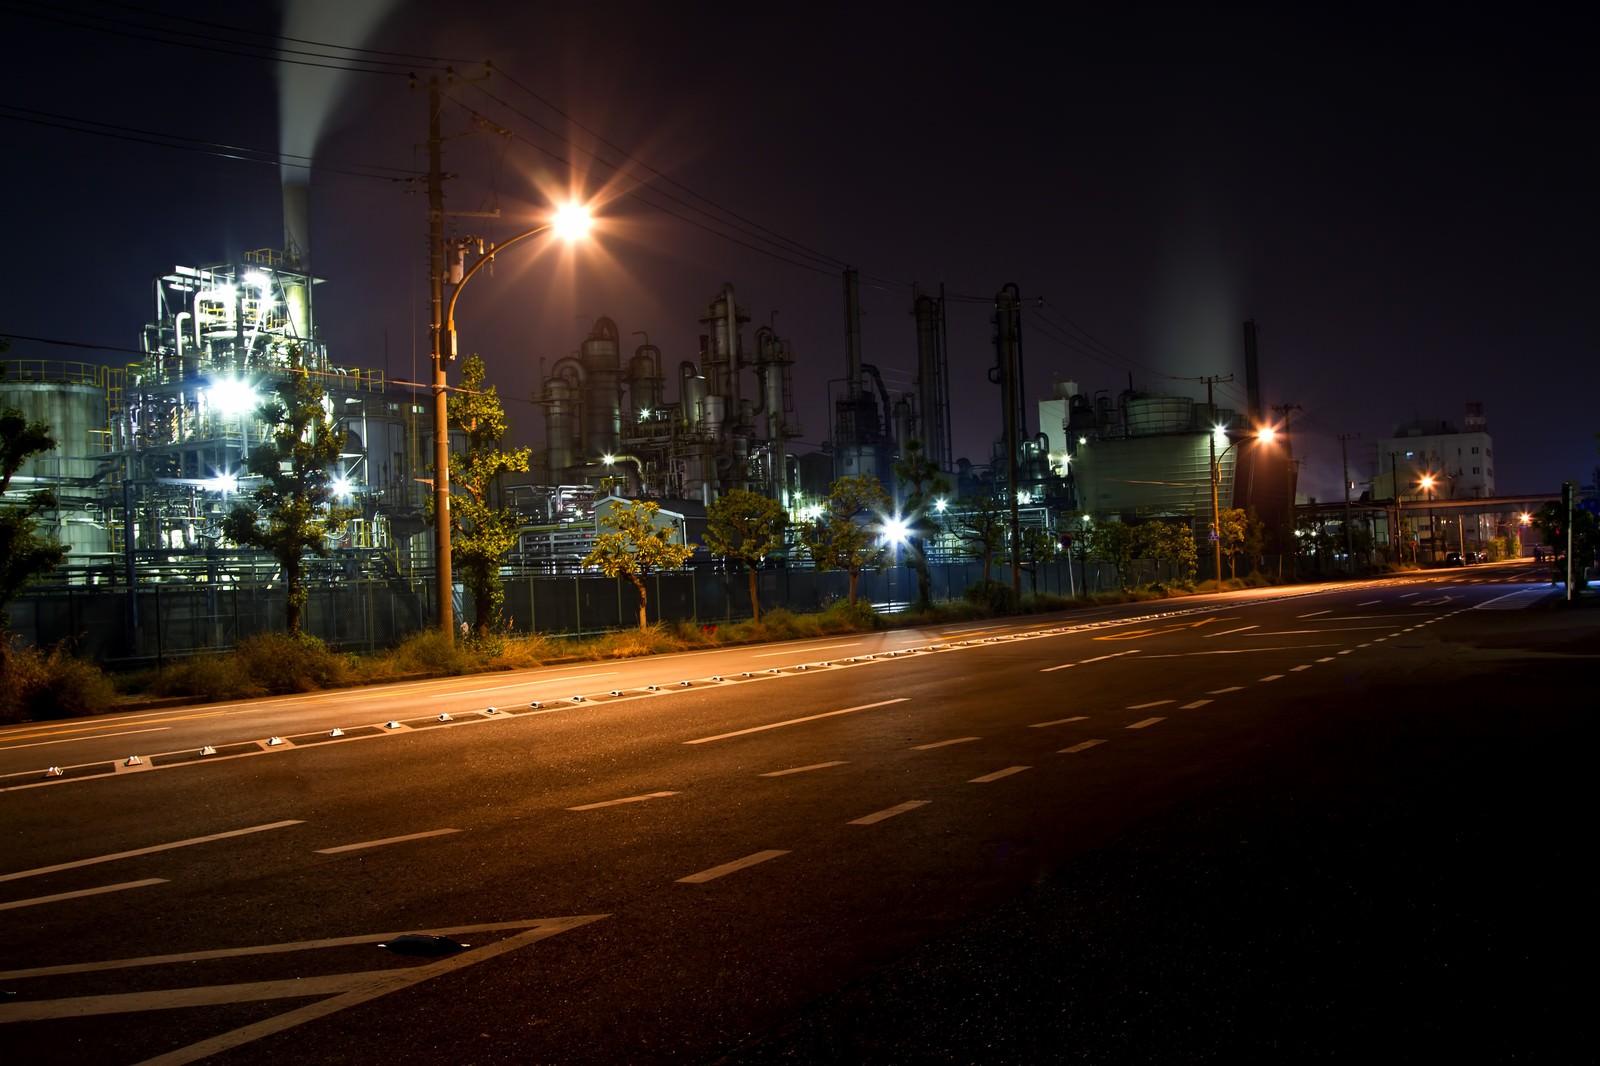 「大きな道路と工場の夜景 | 写真の無料素材・フリー素材 - ぱくたそ」の写真